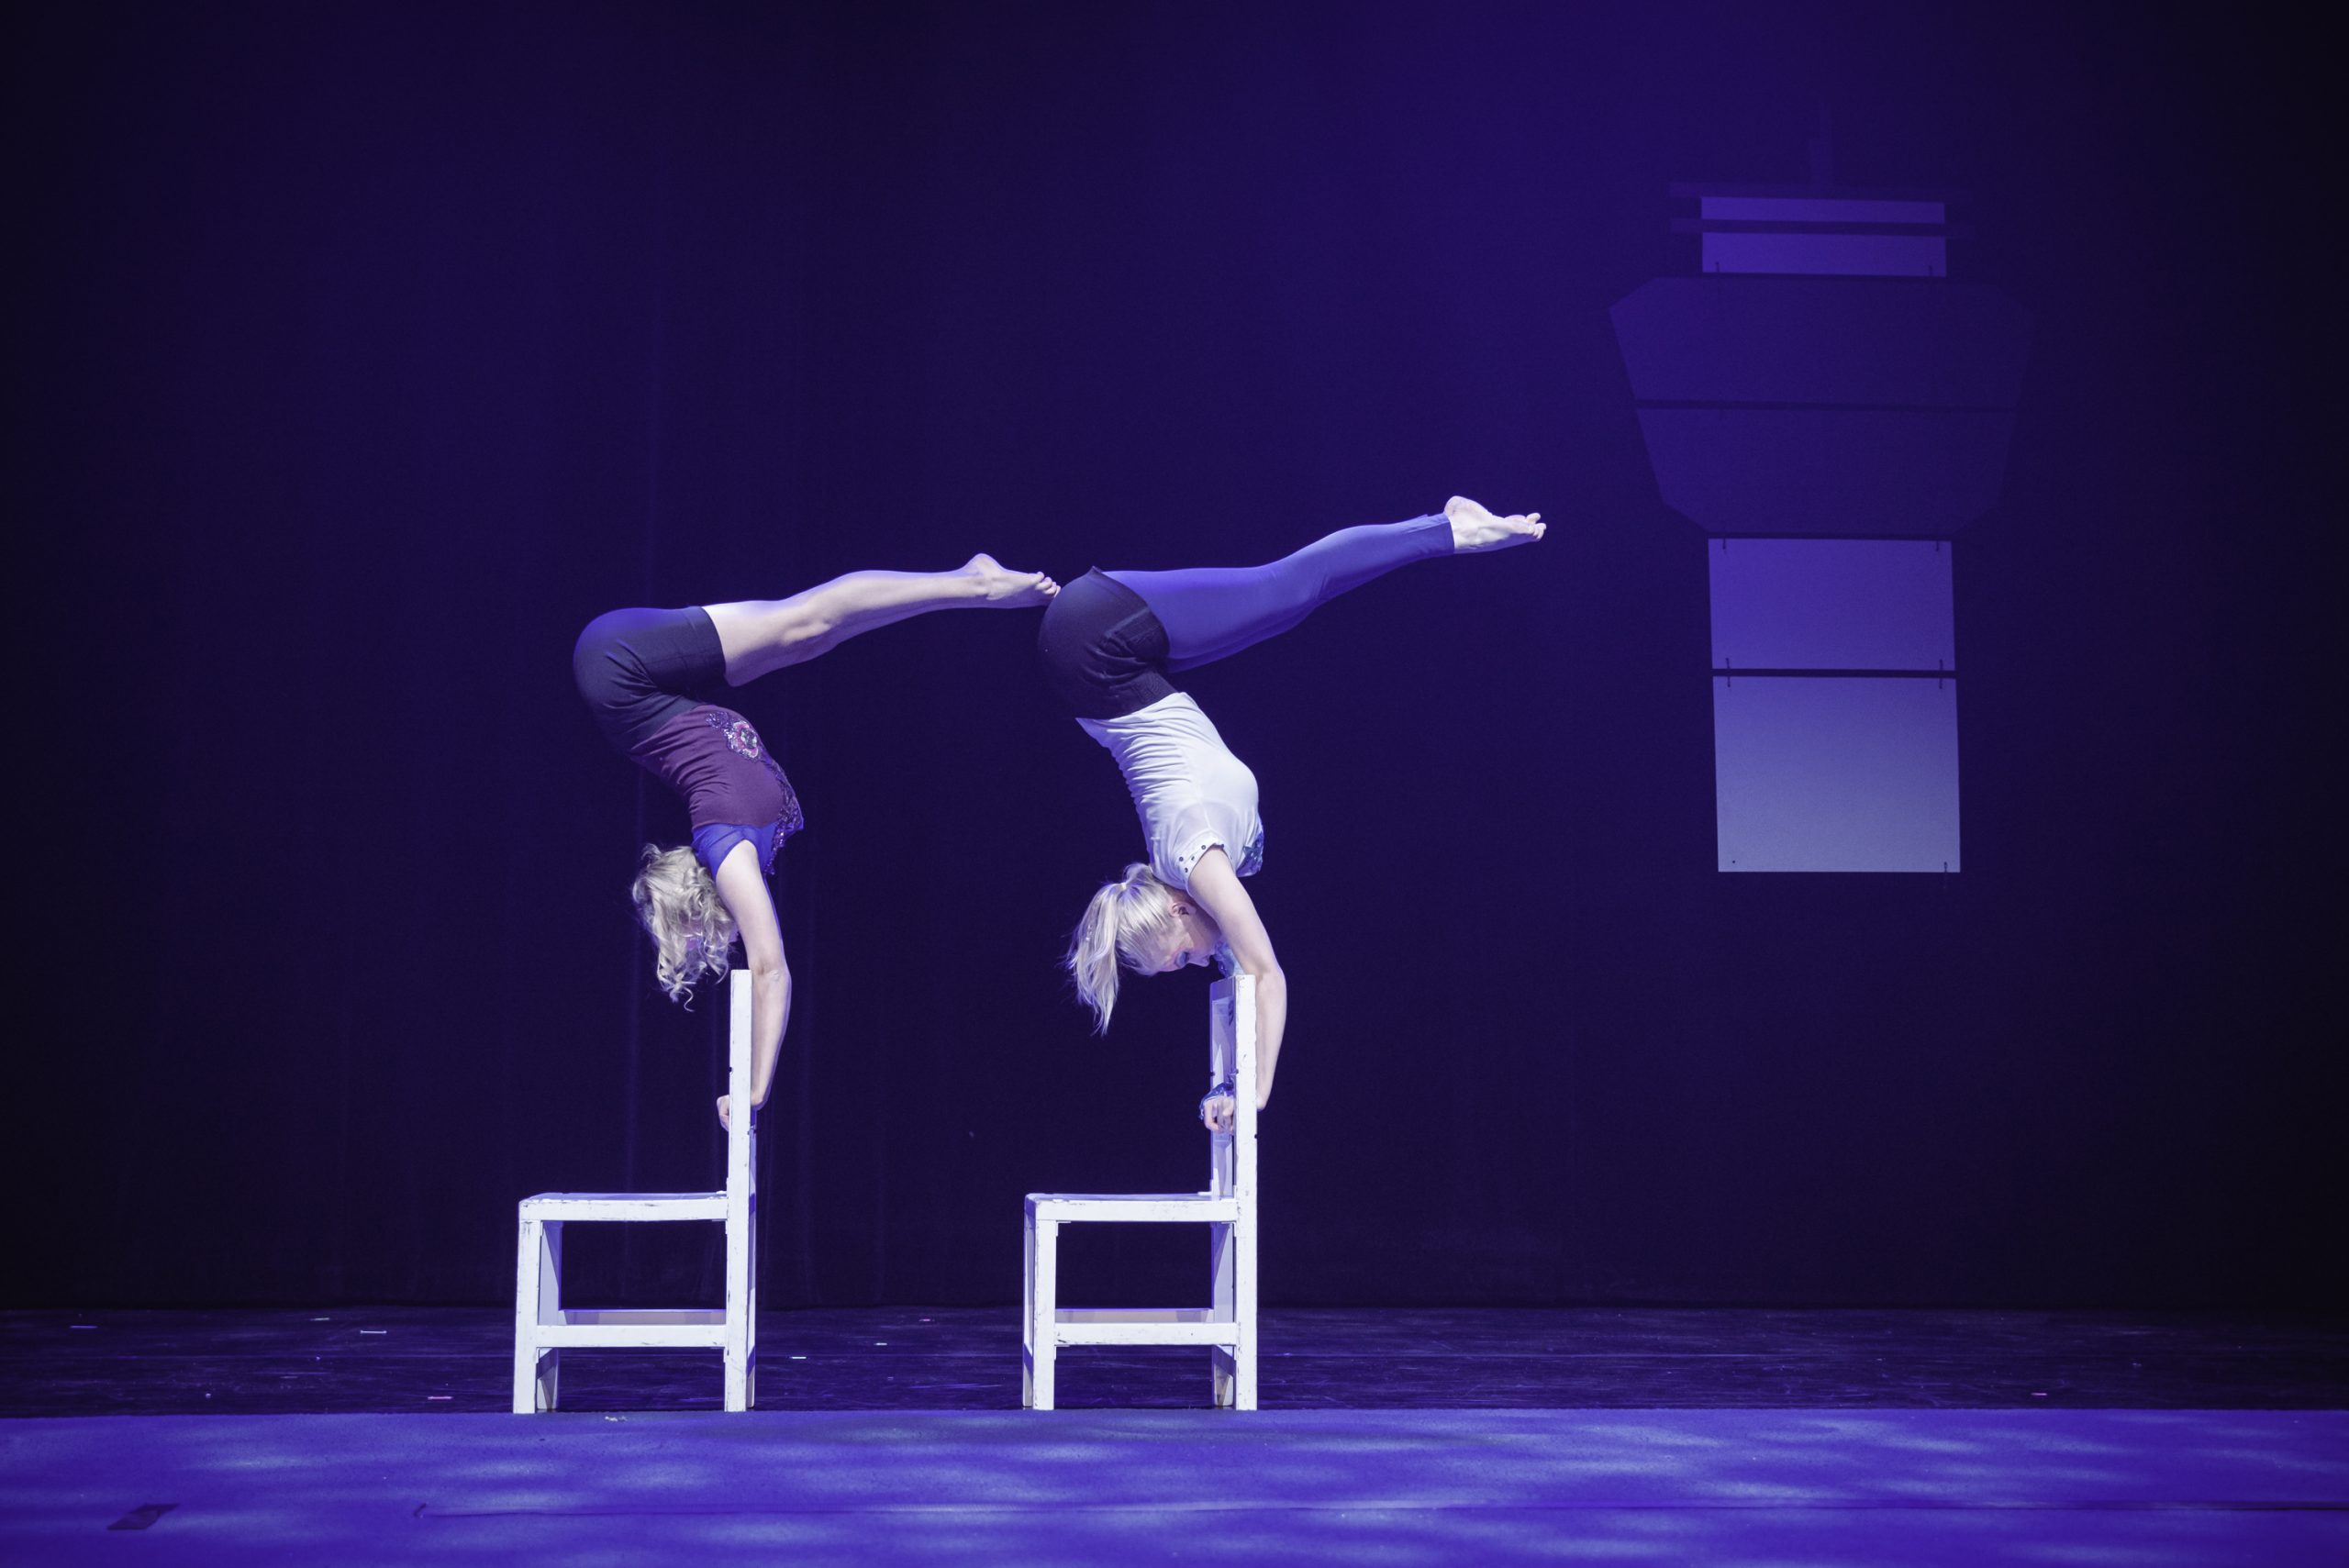 Kuvassa kaksi sirkustaiteilijaa seisoo käsillään tuolien selkänojilla. Heidän kehonsa alavartalonsa on yhdeksänkymmenen asteen kulmassa ylävartaloon nähden.